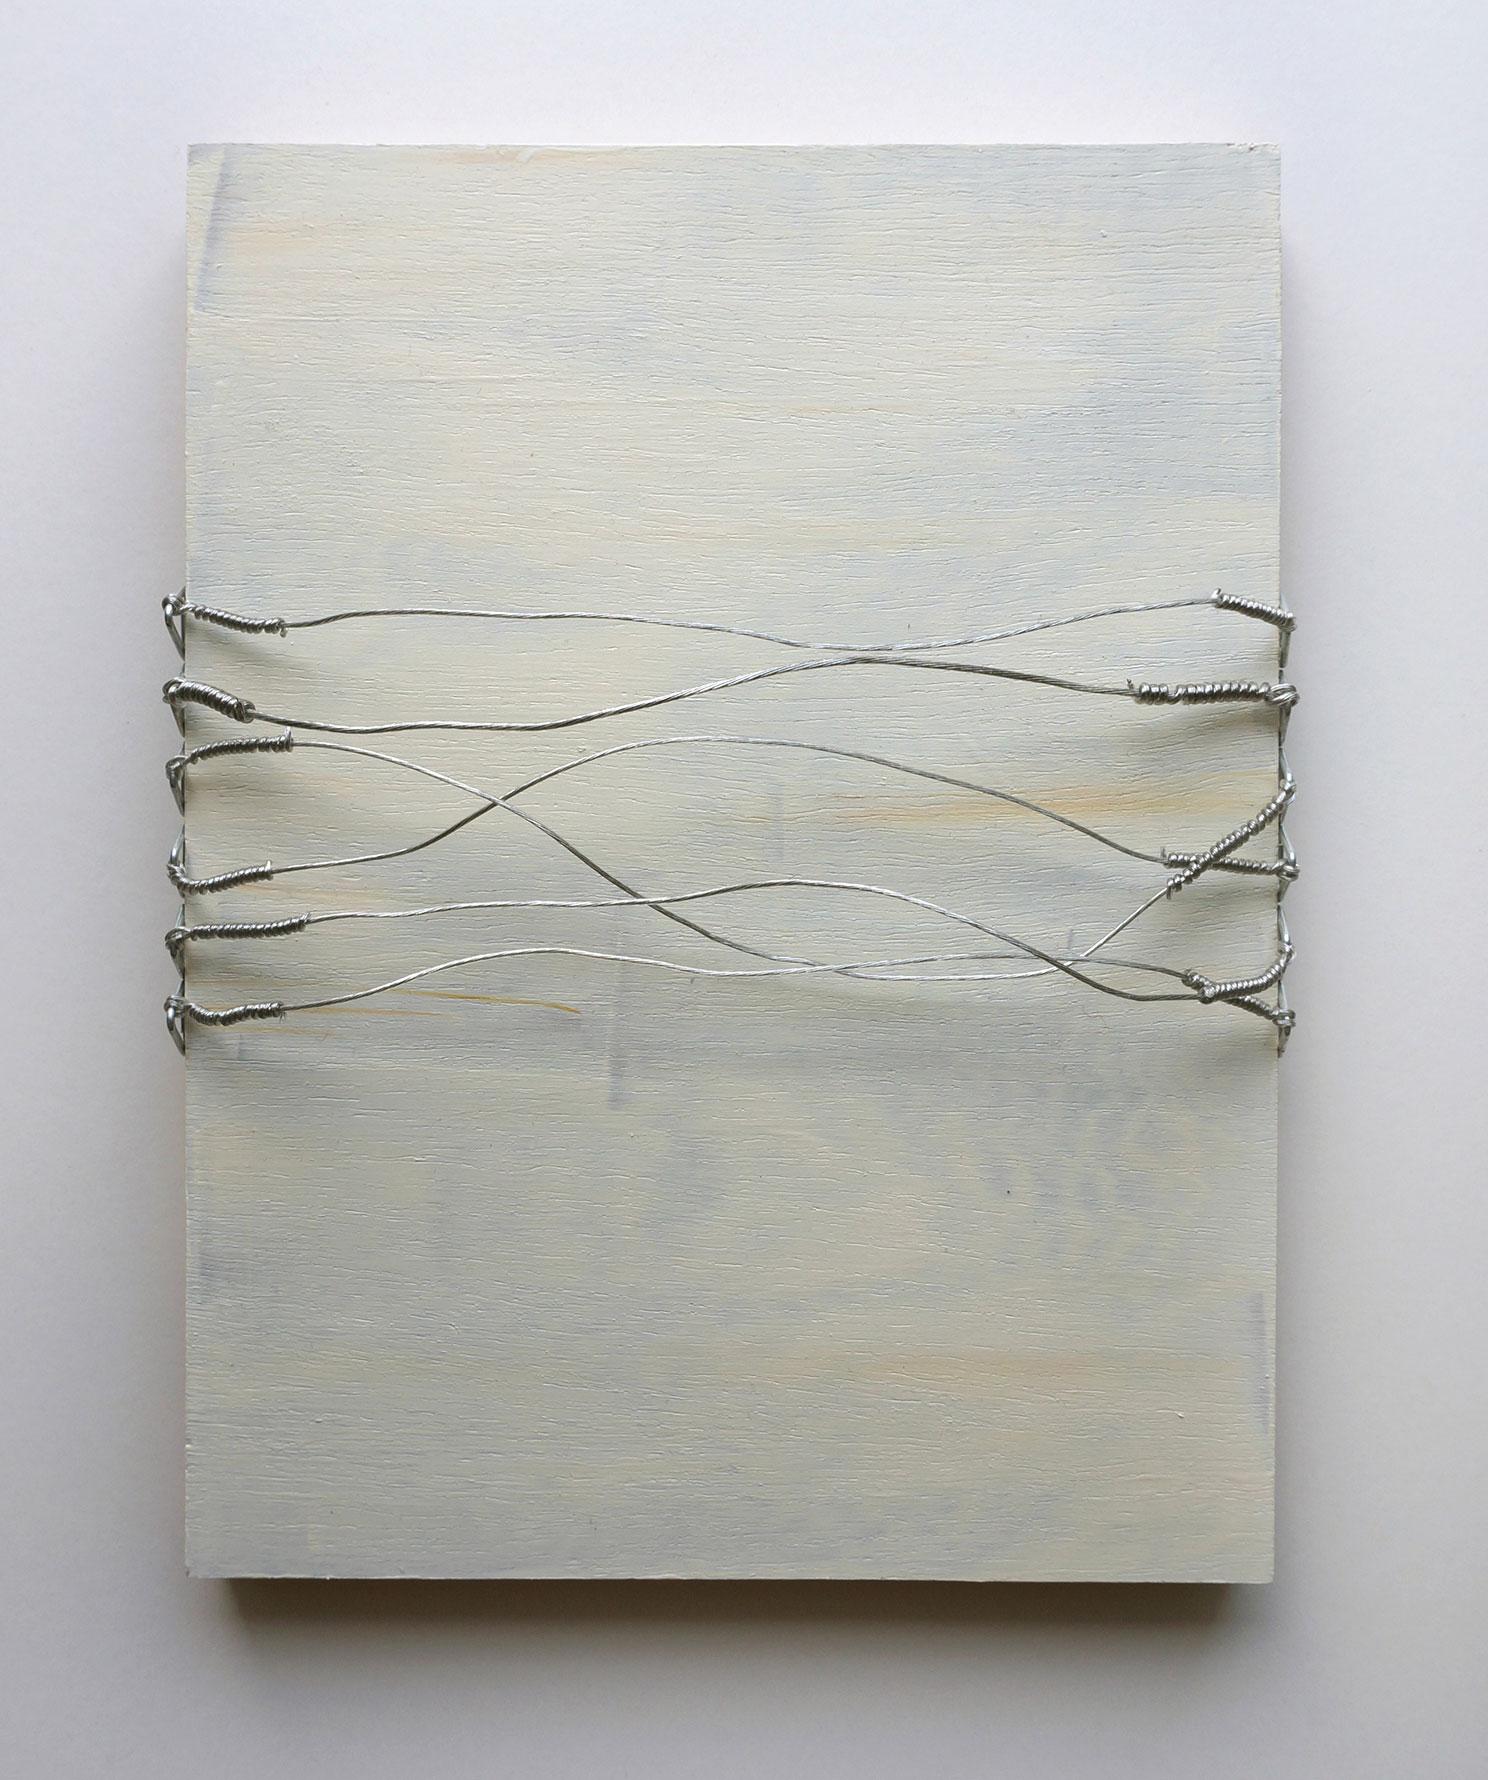 Vlatka Horvat, Disturbances (Wire Lines)